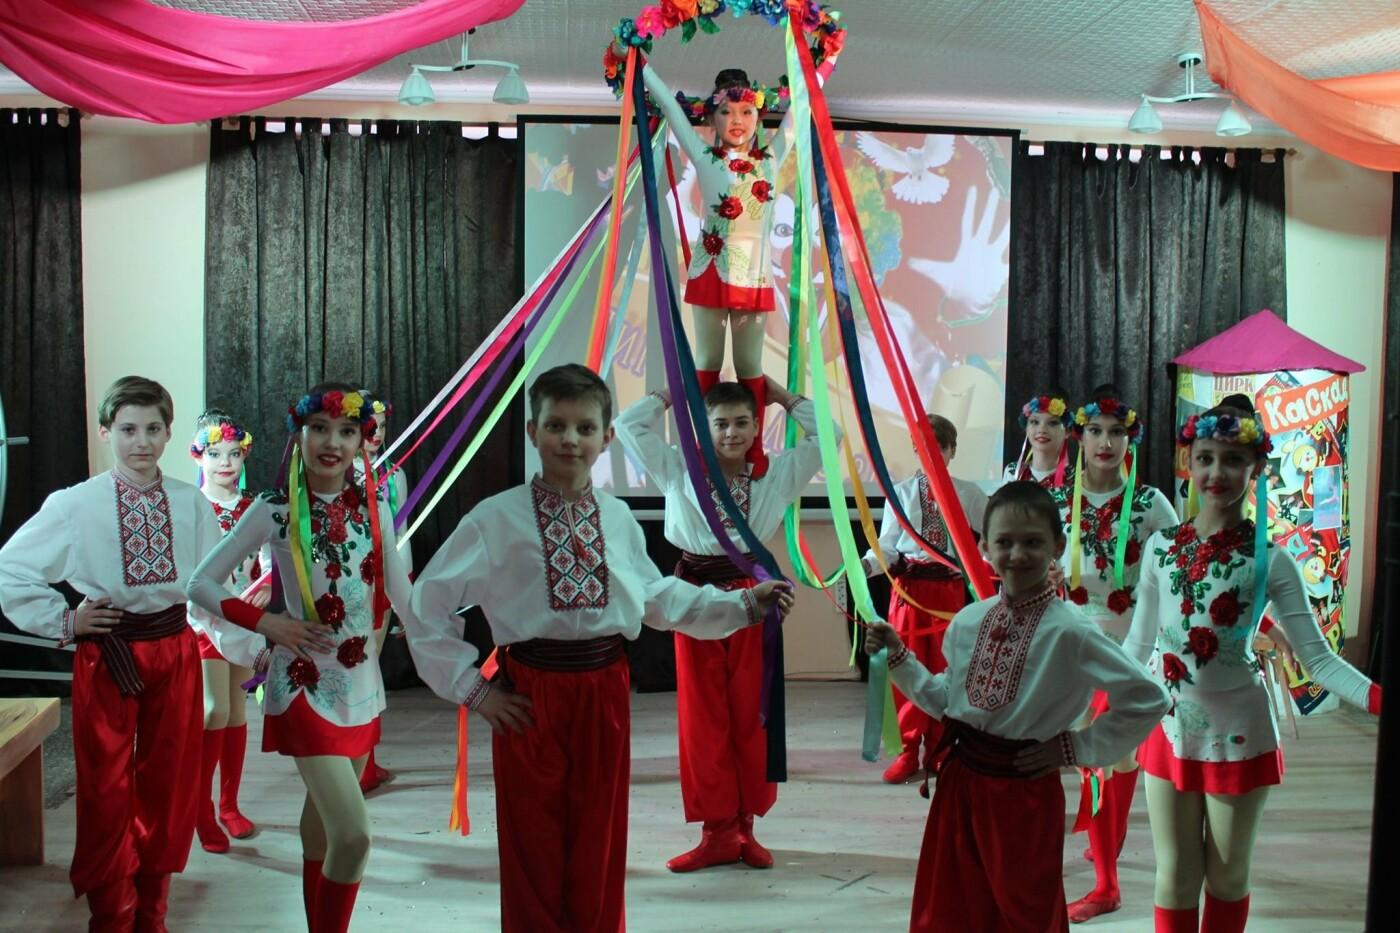 Студия «Каскад» из Константиновки стала победителем трех фестивалей циркового искусства, фото-8